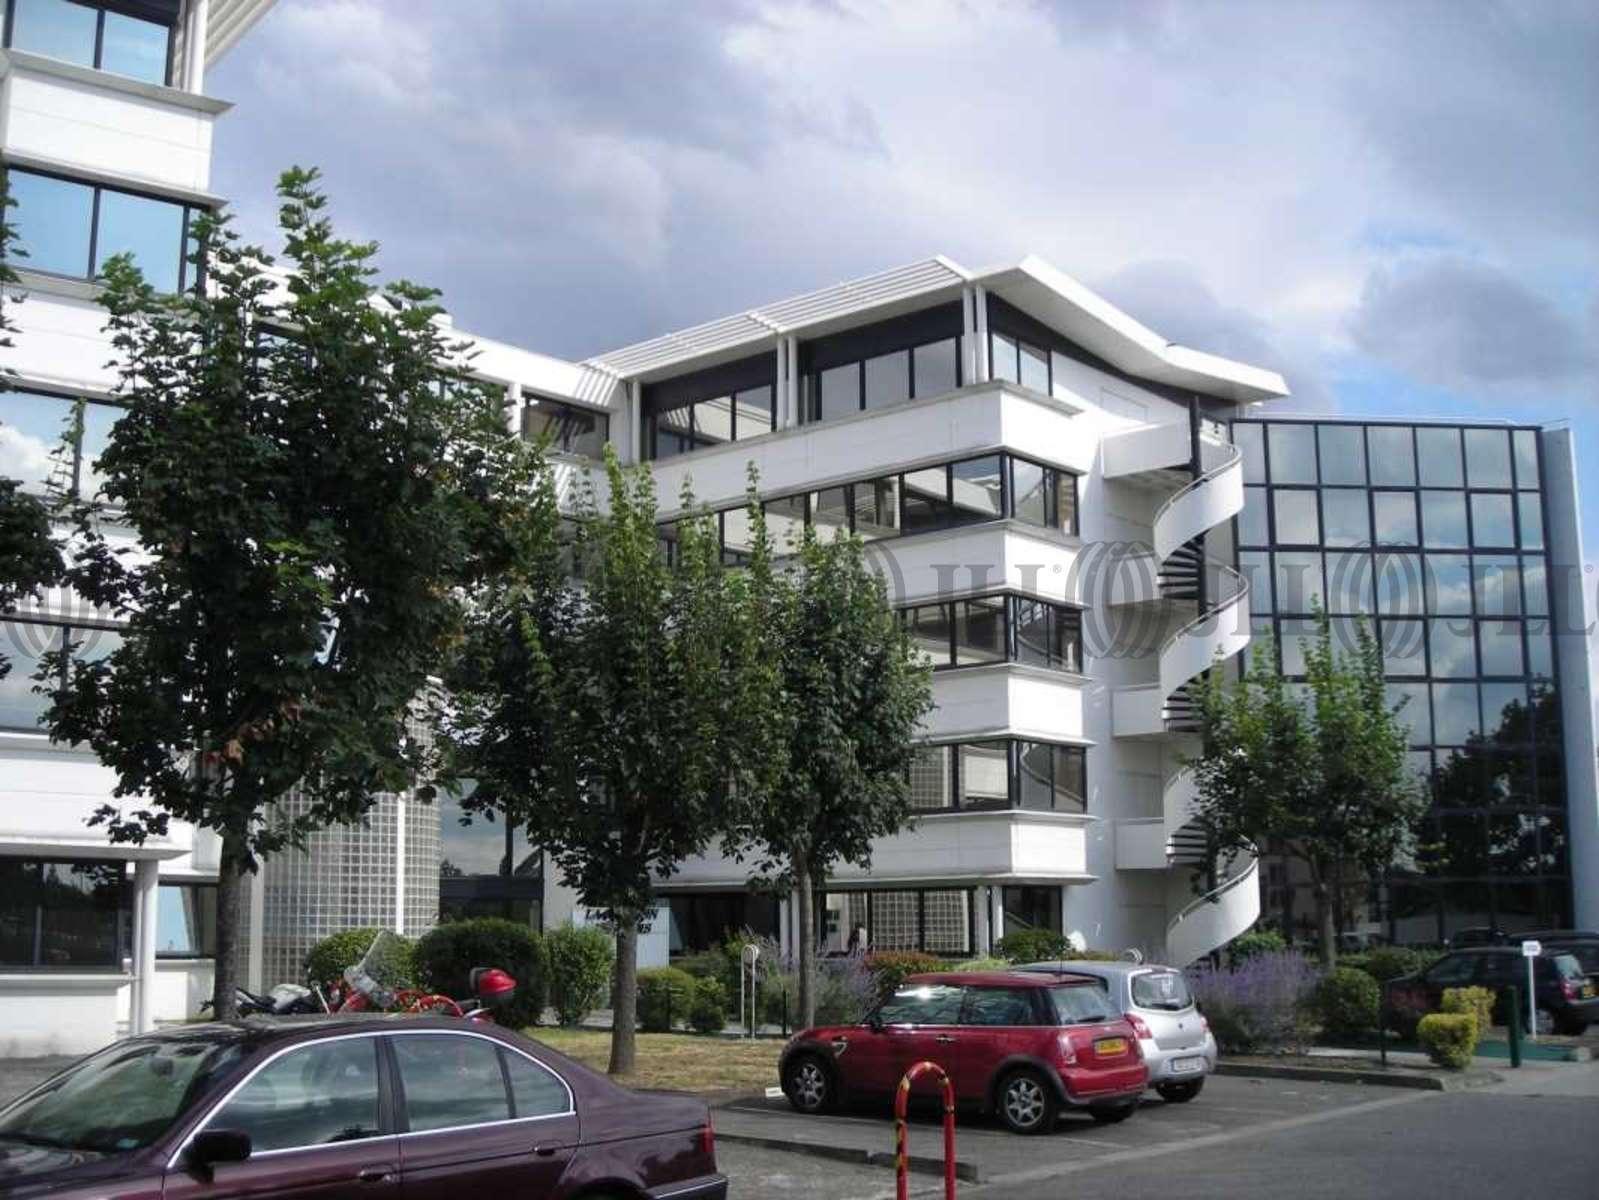 Bureaux louer la maison des lois 31100 toulouse tm592038 for Location garage toulouse 31100